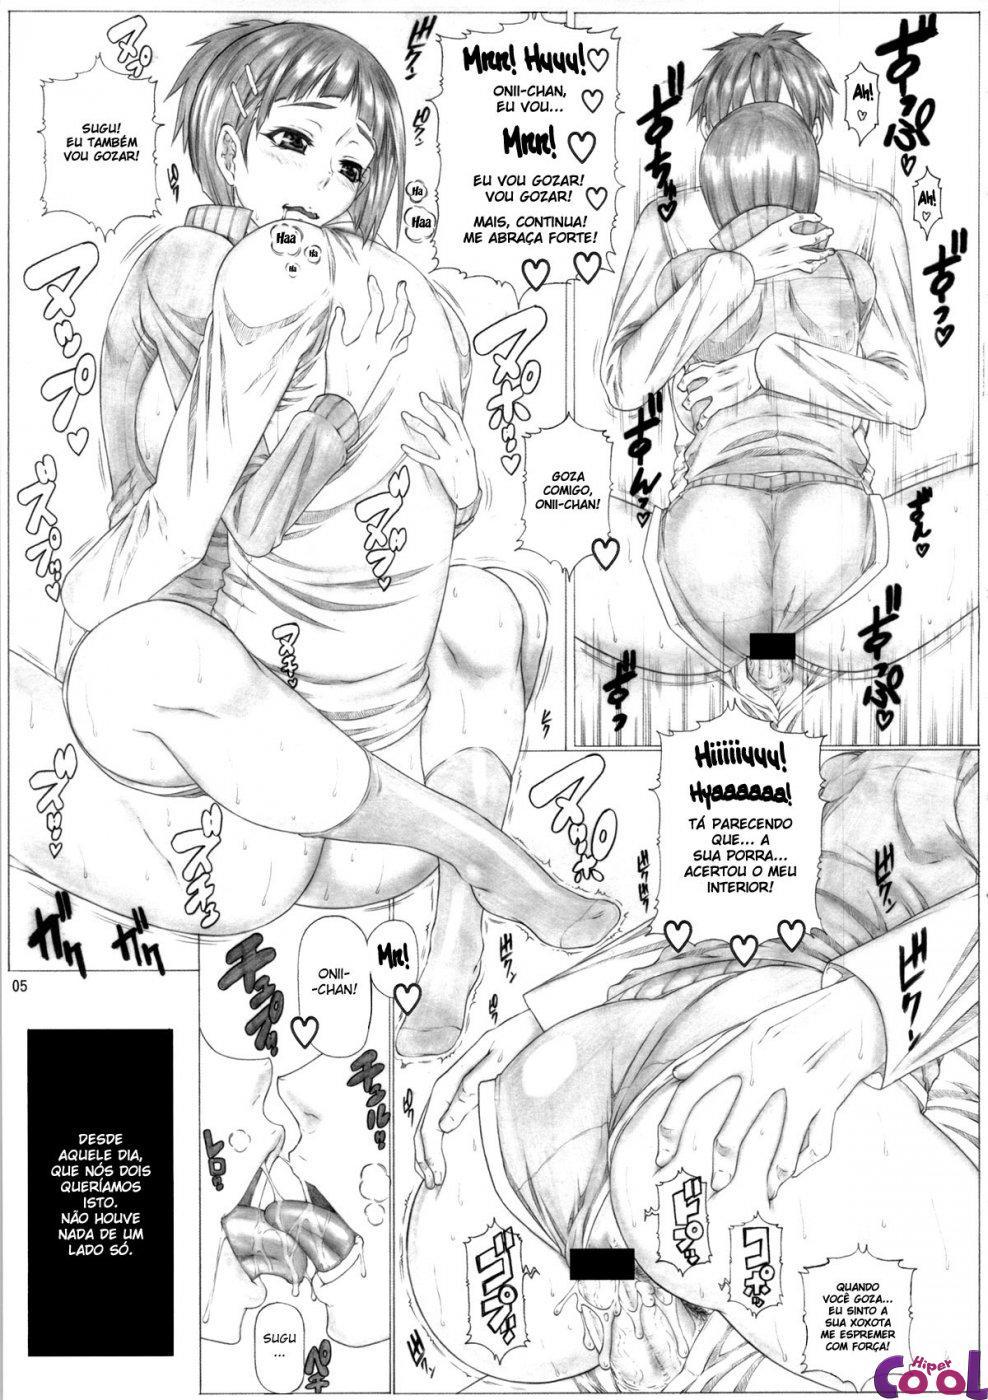 Transando com irmã no pelinho hentai